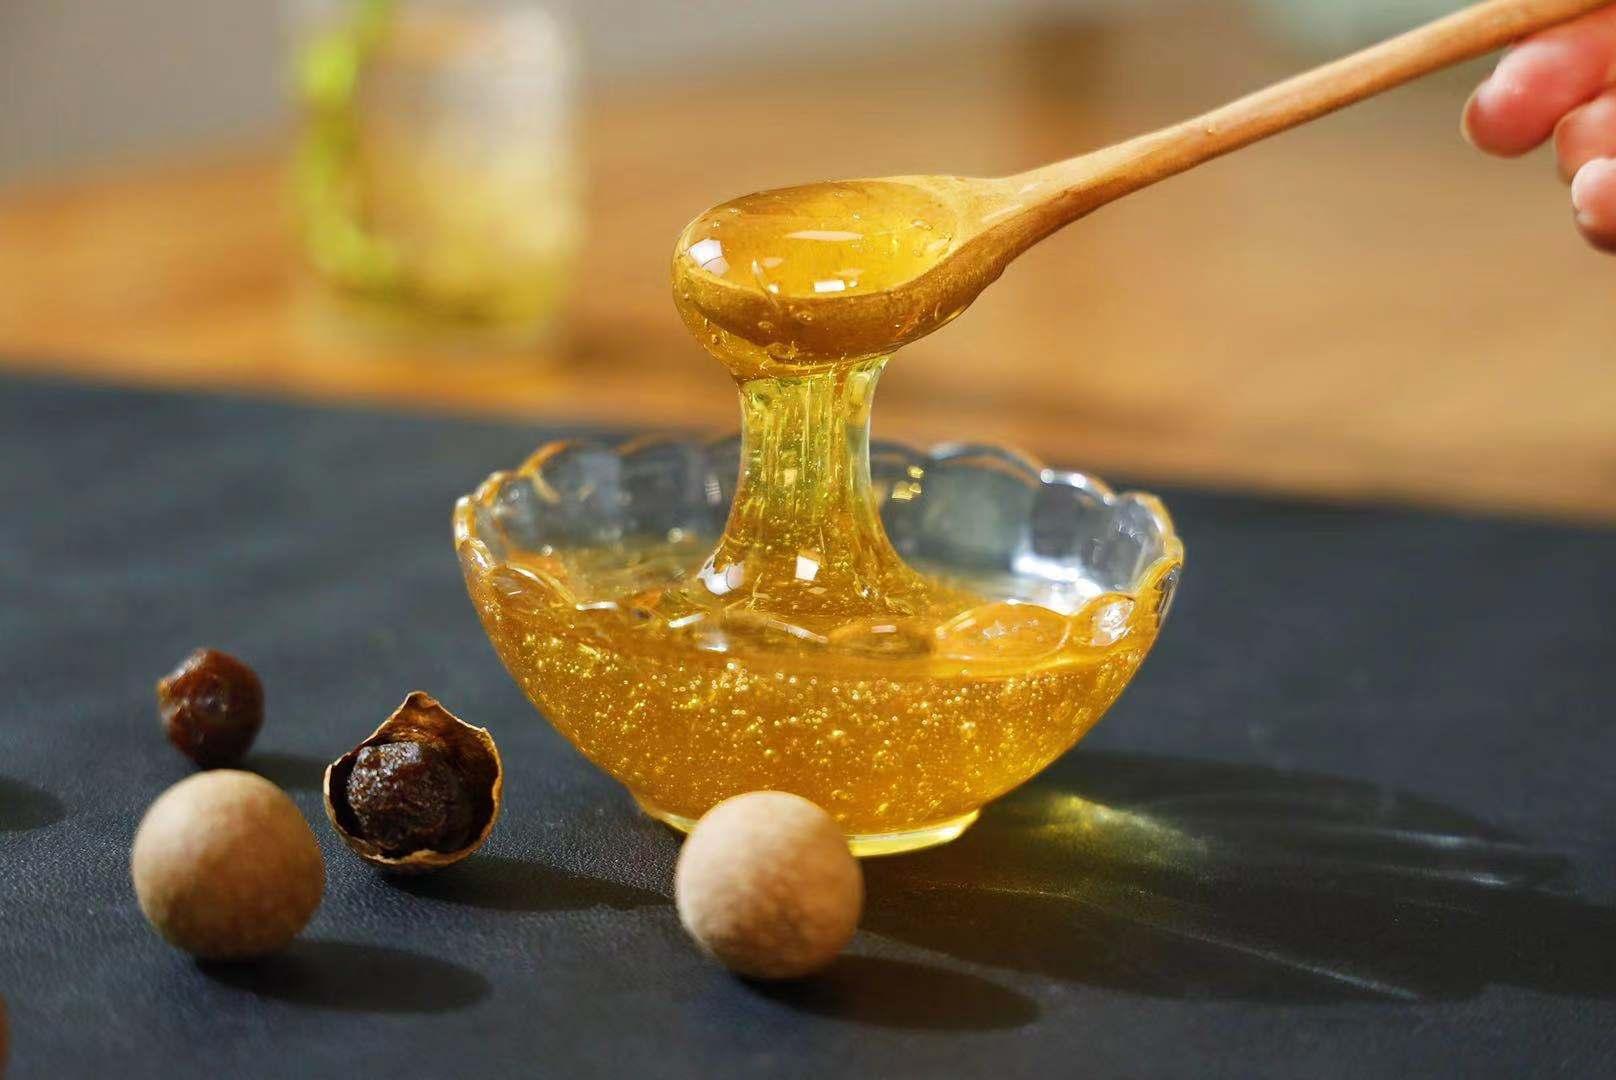 蜂蜜的味道一�低喝是什麽?你怎麽看待���?